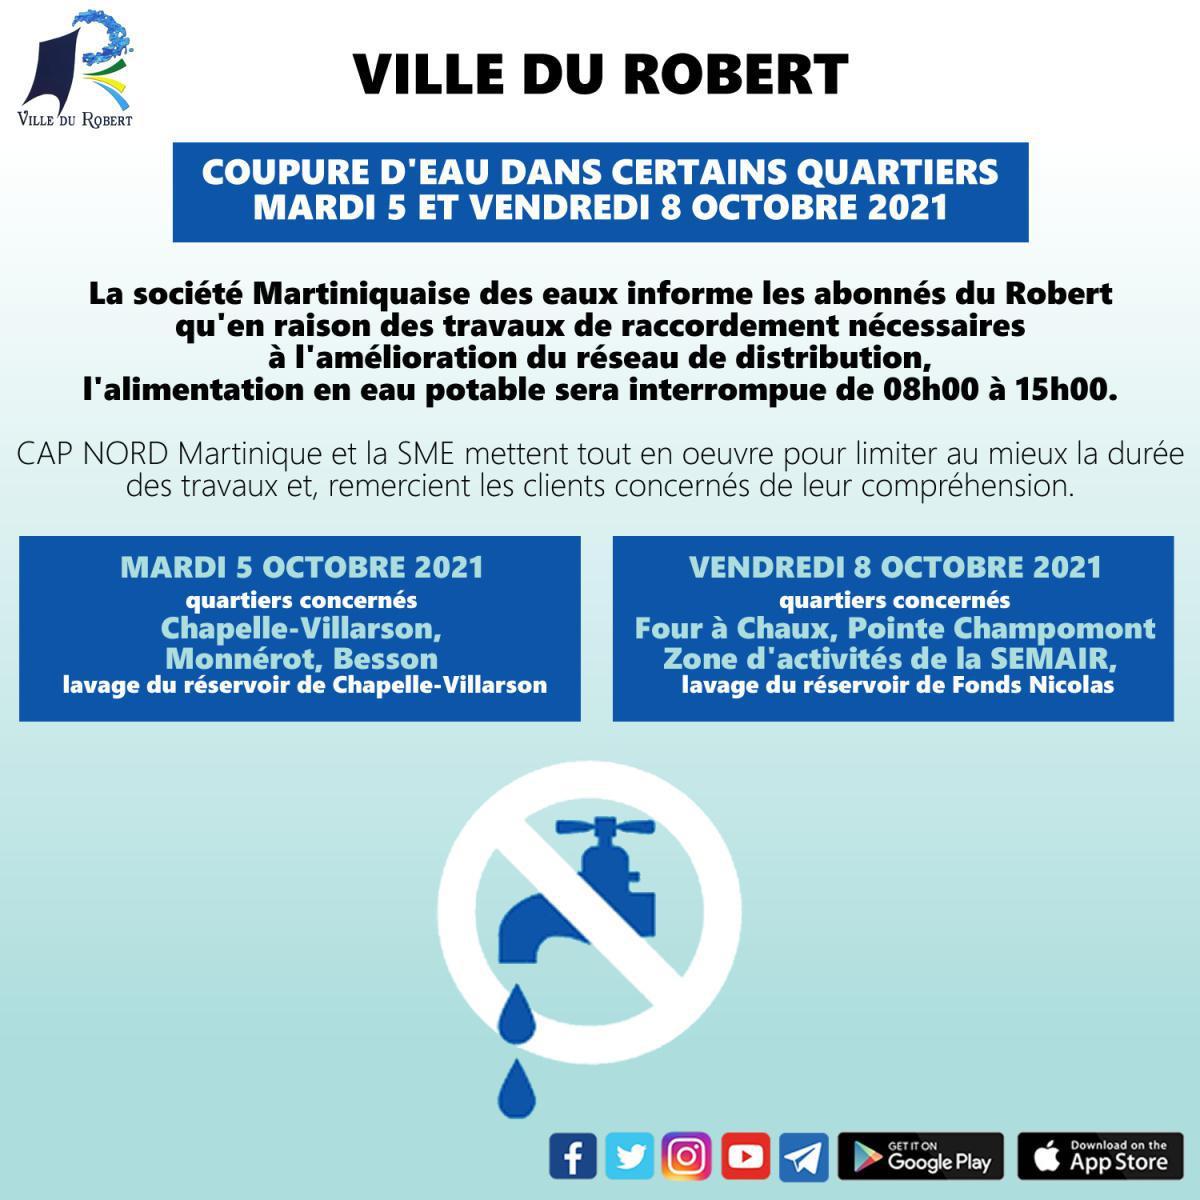 COUPURE D'EAU DANS CERTAINS QUARTIERS MARDI 5 ET VENDREDI 8 OCTOBRE 2021